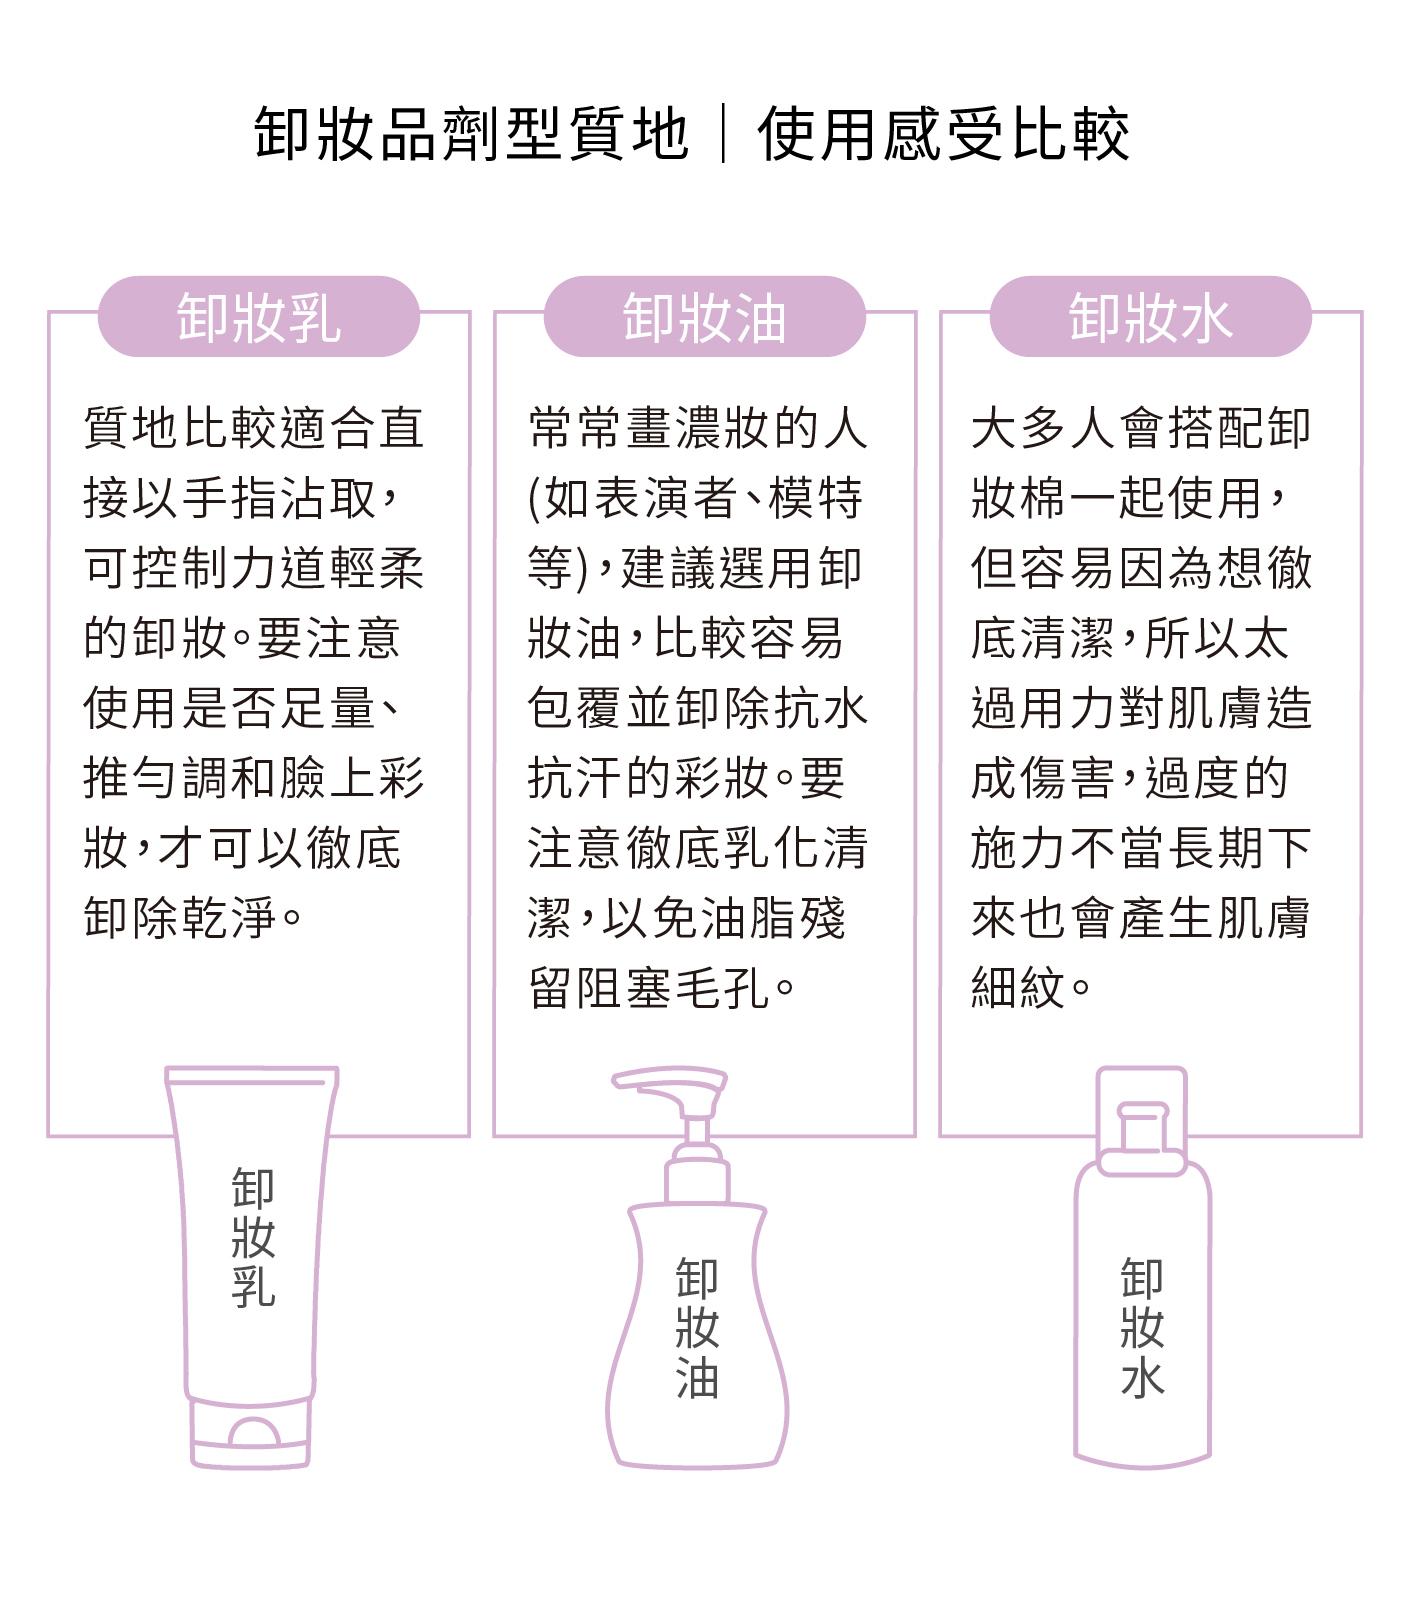 卸妝品劑型質地 使用感受比較